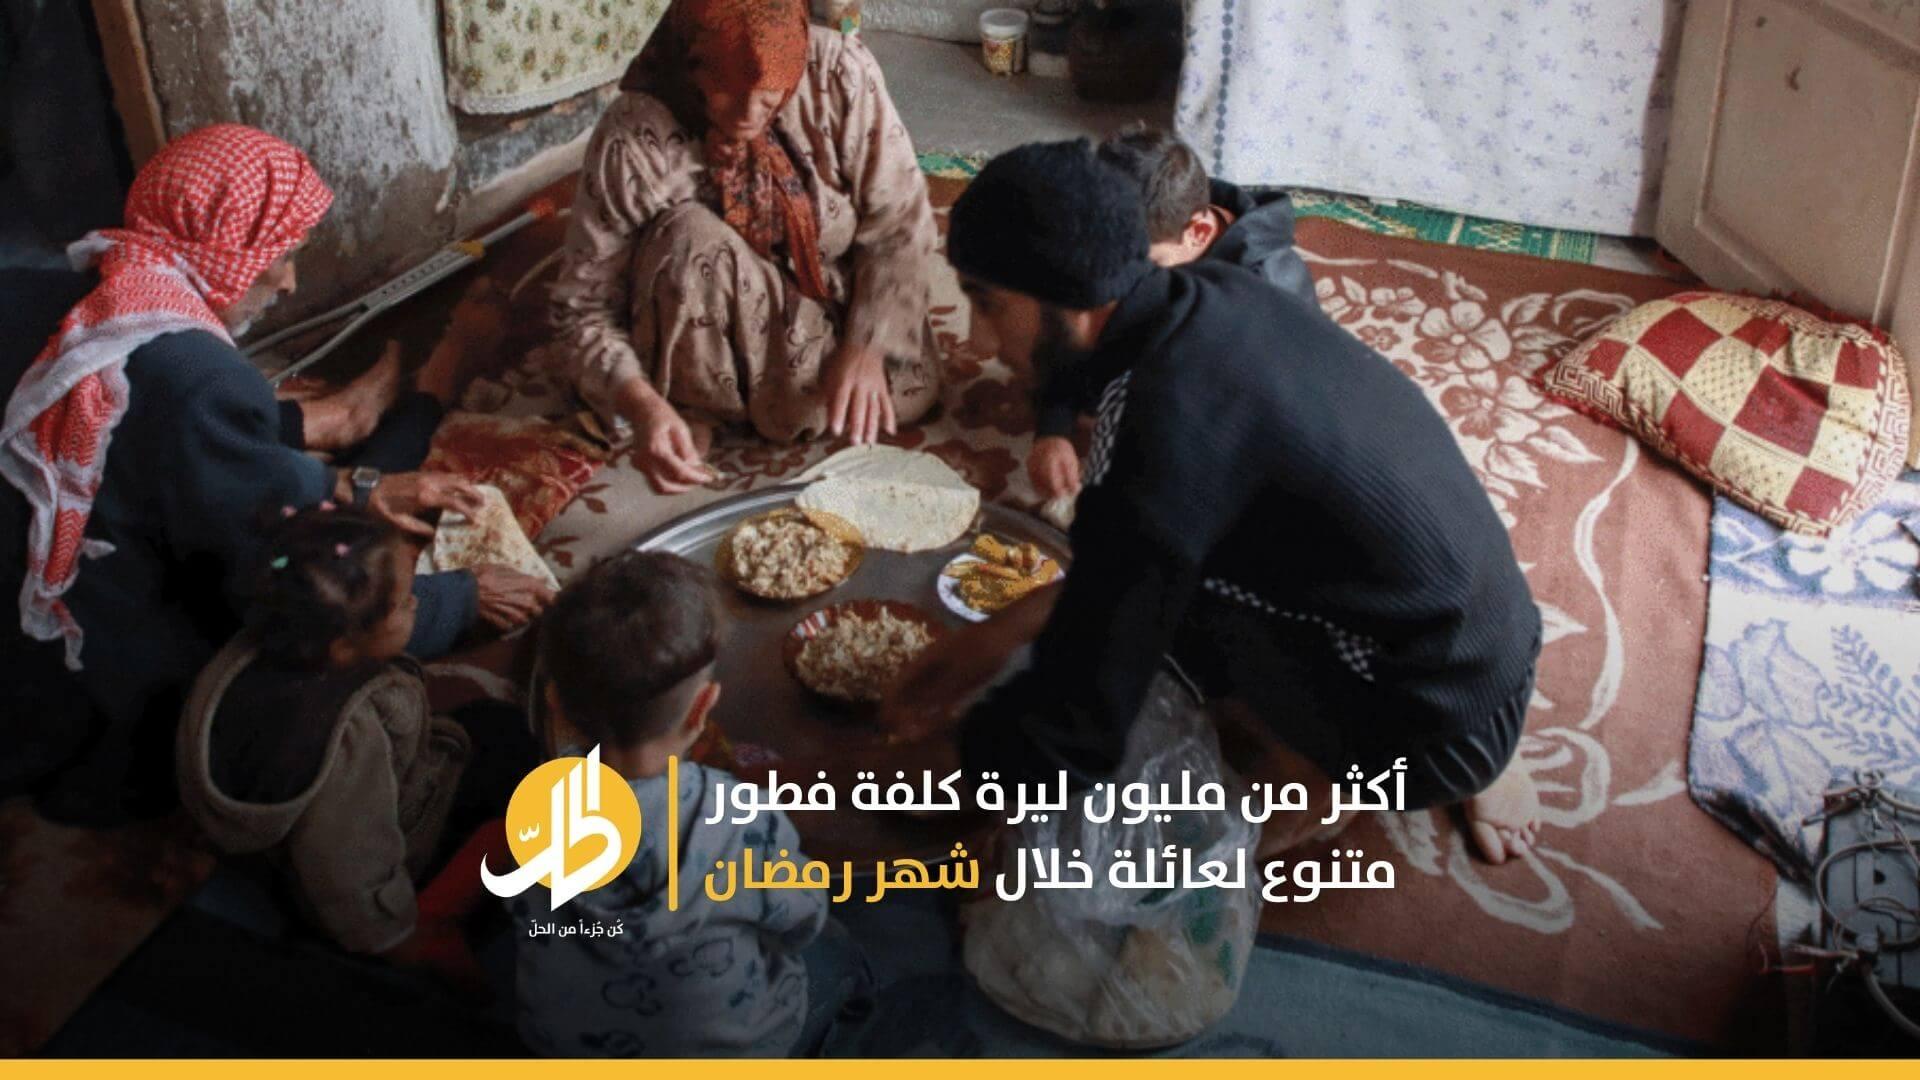 وجبة إفطار رمضان تكلف نصف الراتب.. والإندومي يزيد من مشكلات الأطفال الصحية